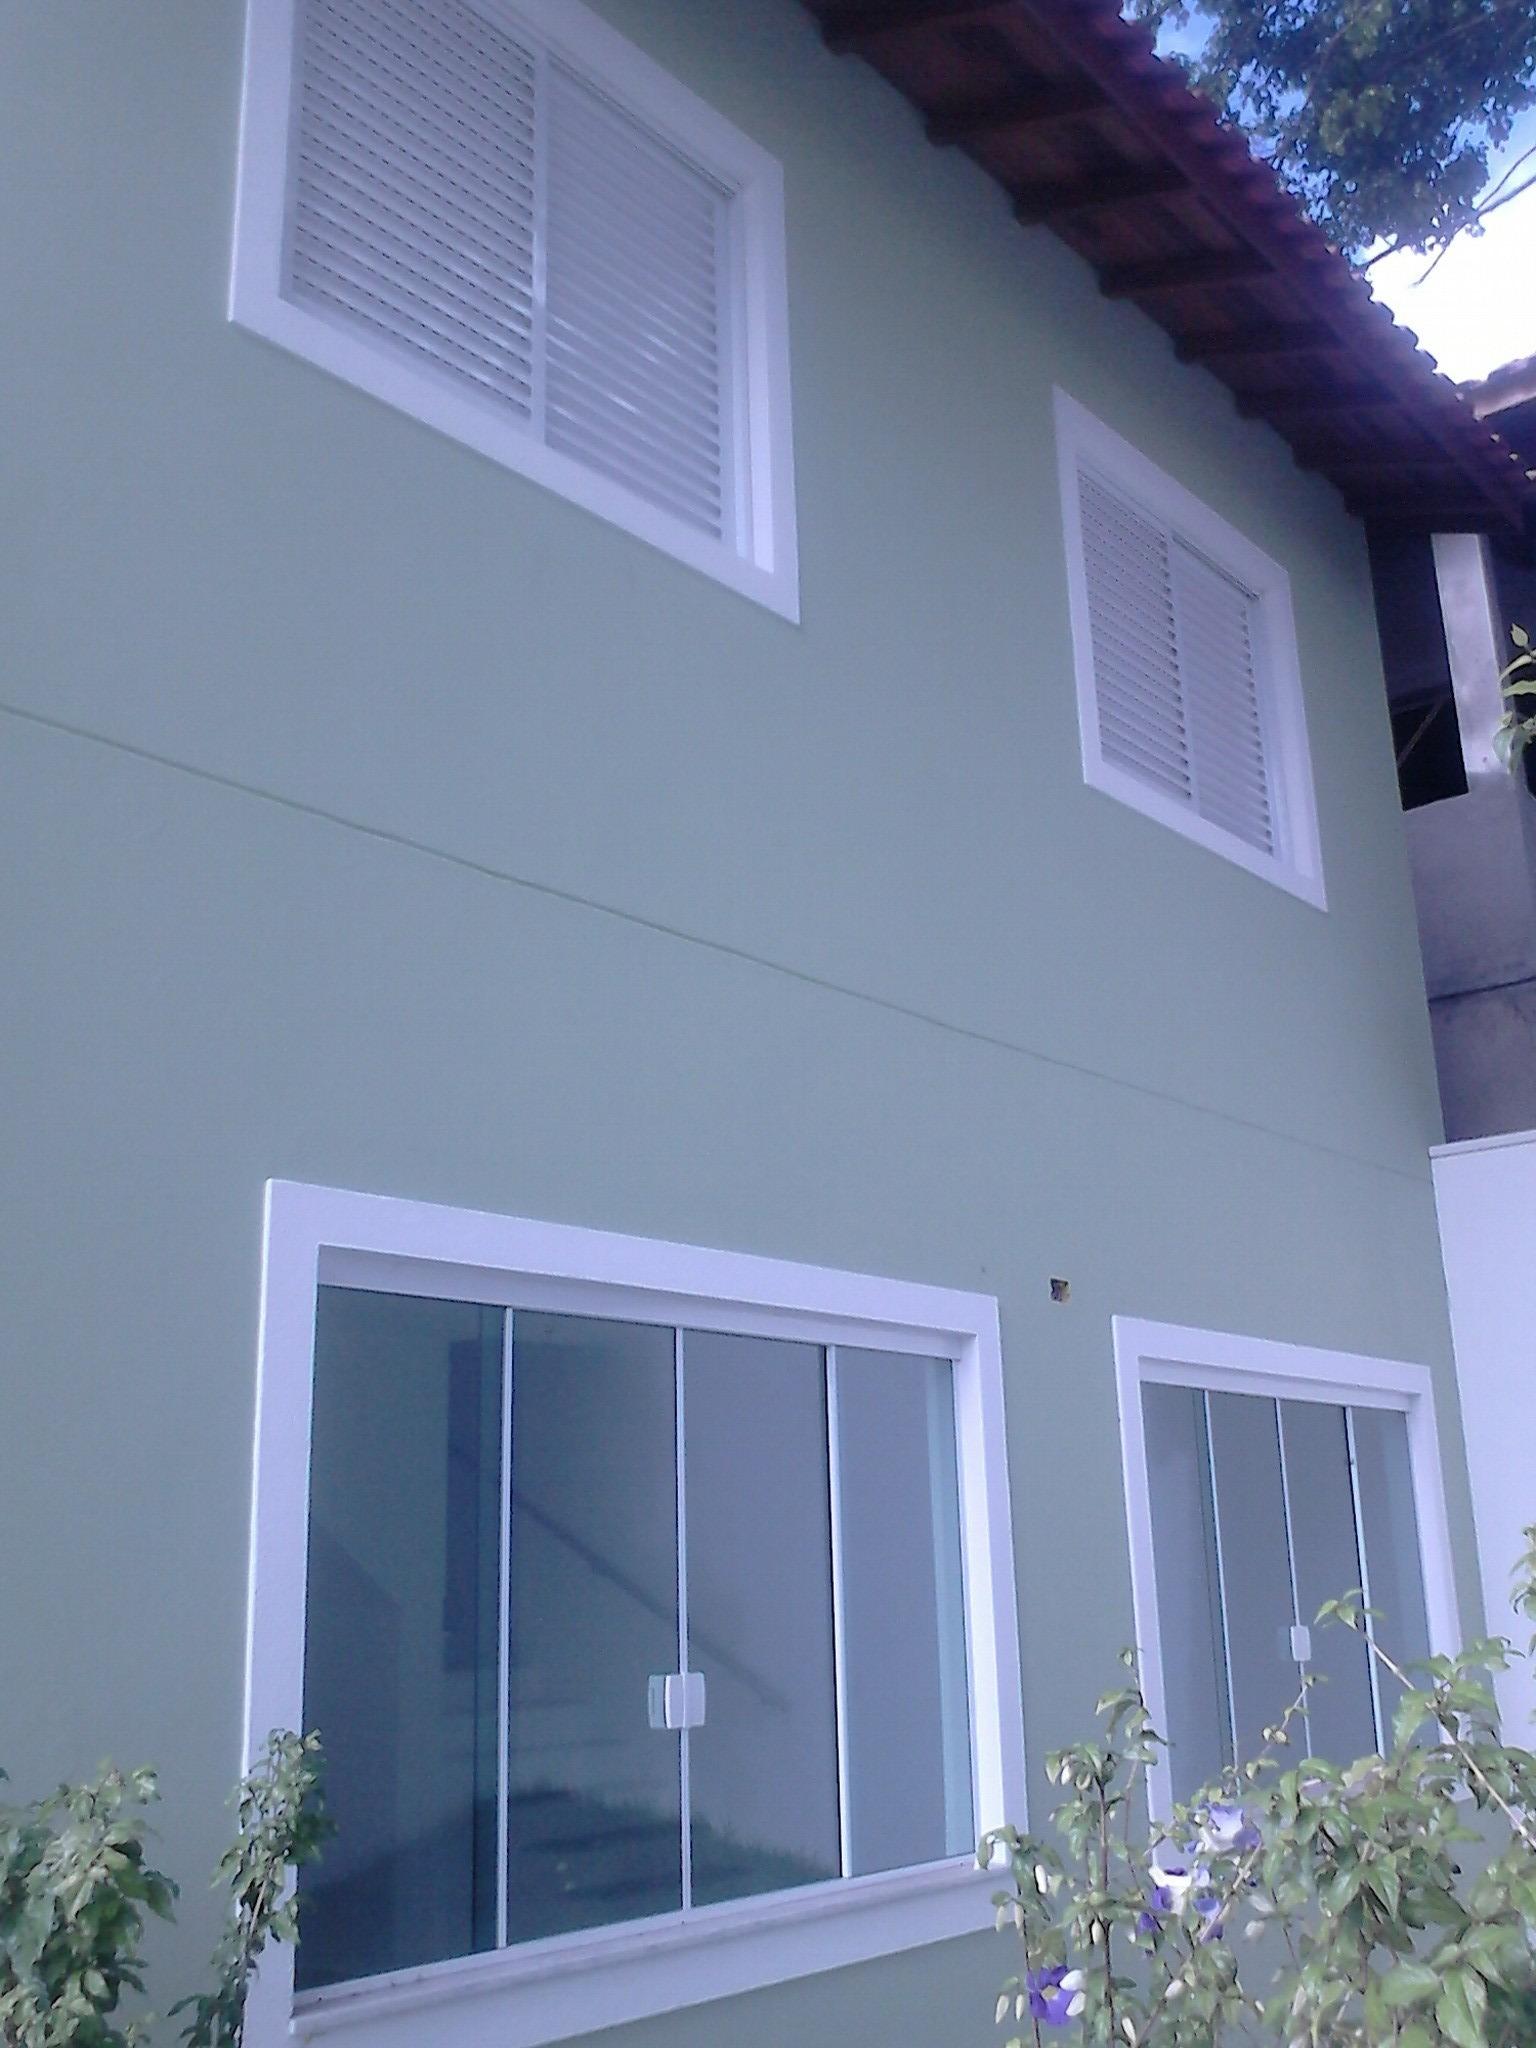 comprar ou alugar casa no bairro campo grande na cidade de sao paulo-sp